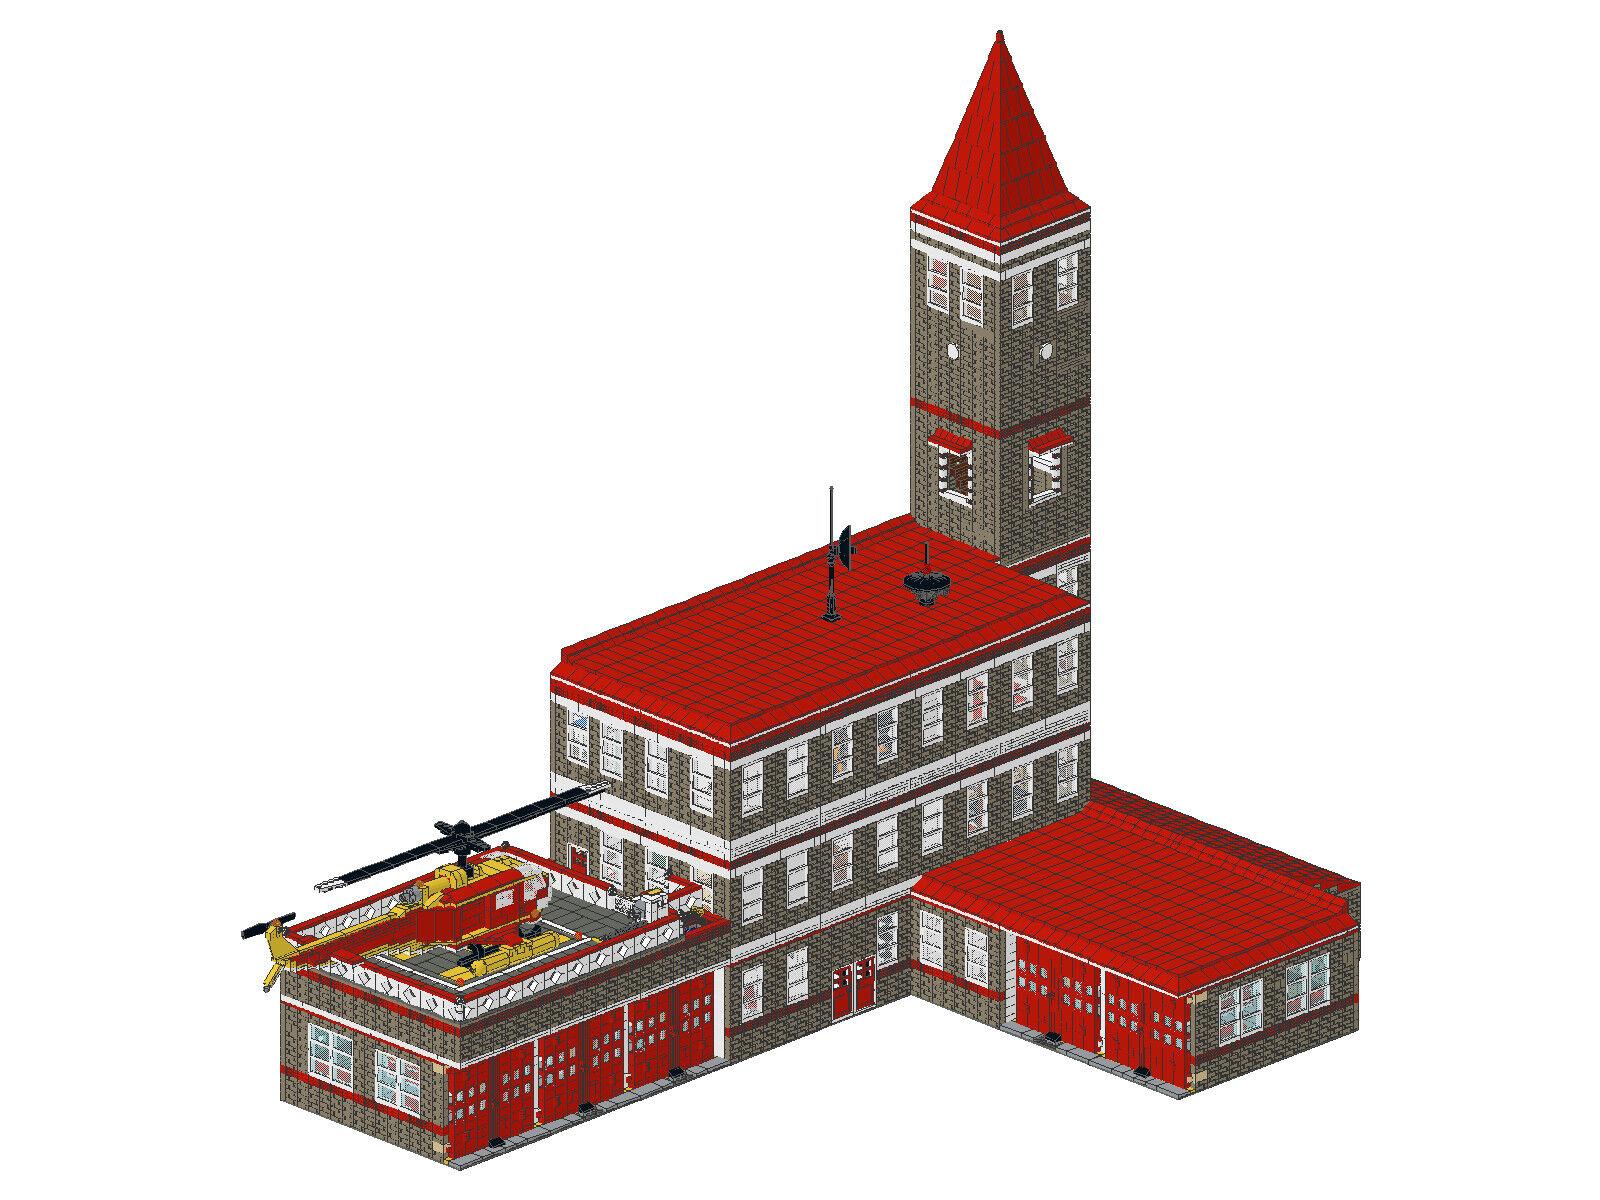 Bauanleitung instruction Feuerwehrwache 16 Module Unikat Eigenbau Moc Lego Basic